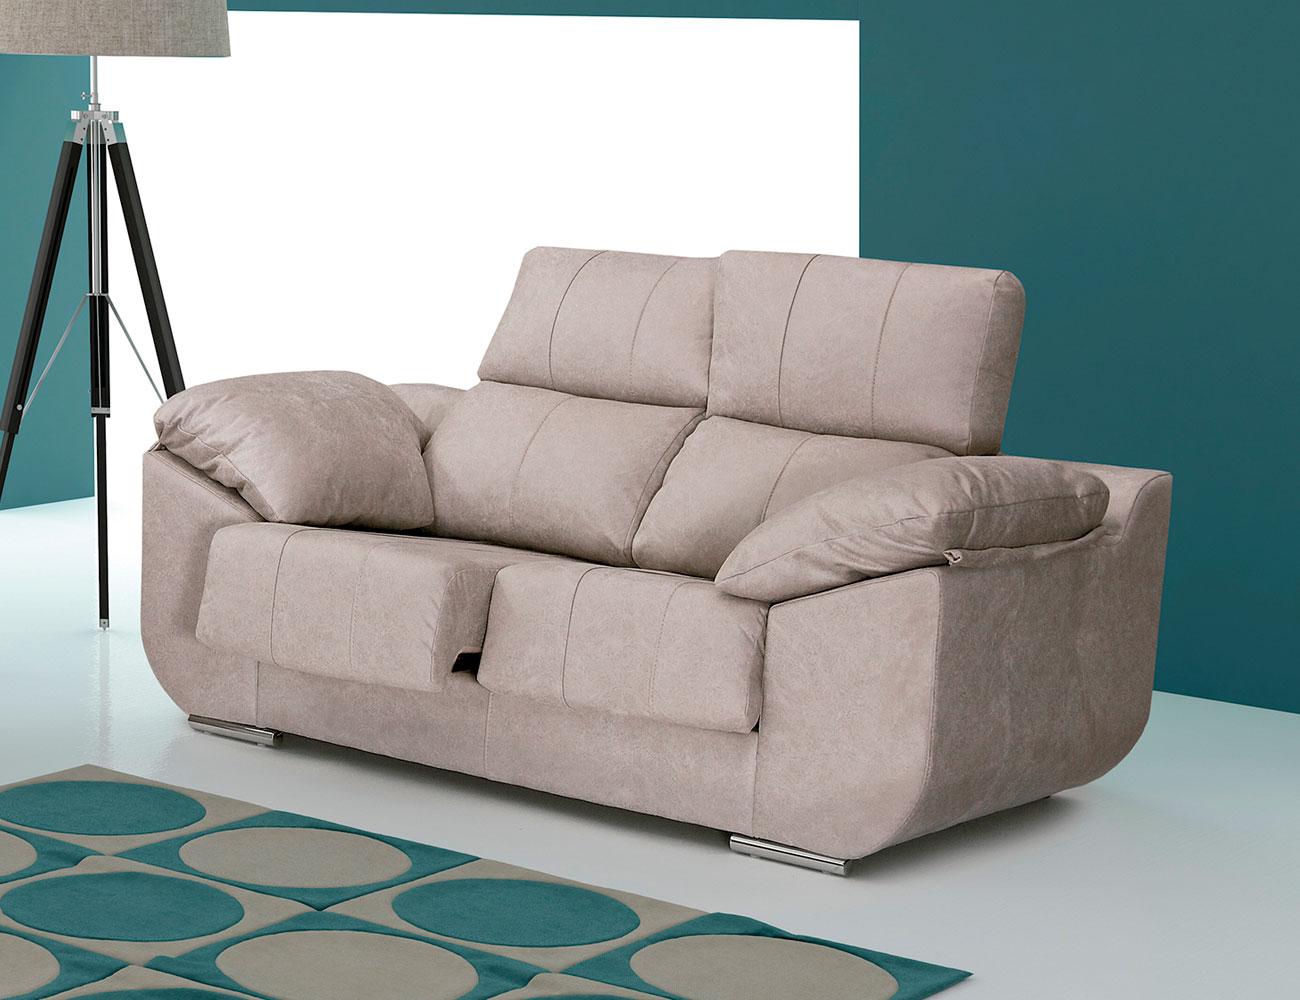 Sof con asientos extra bles y respaldos reclinables en - Sofas de dos plazas pequenos ...